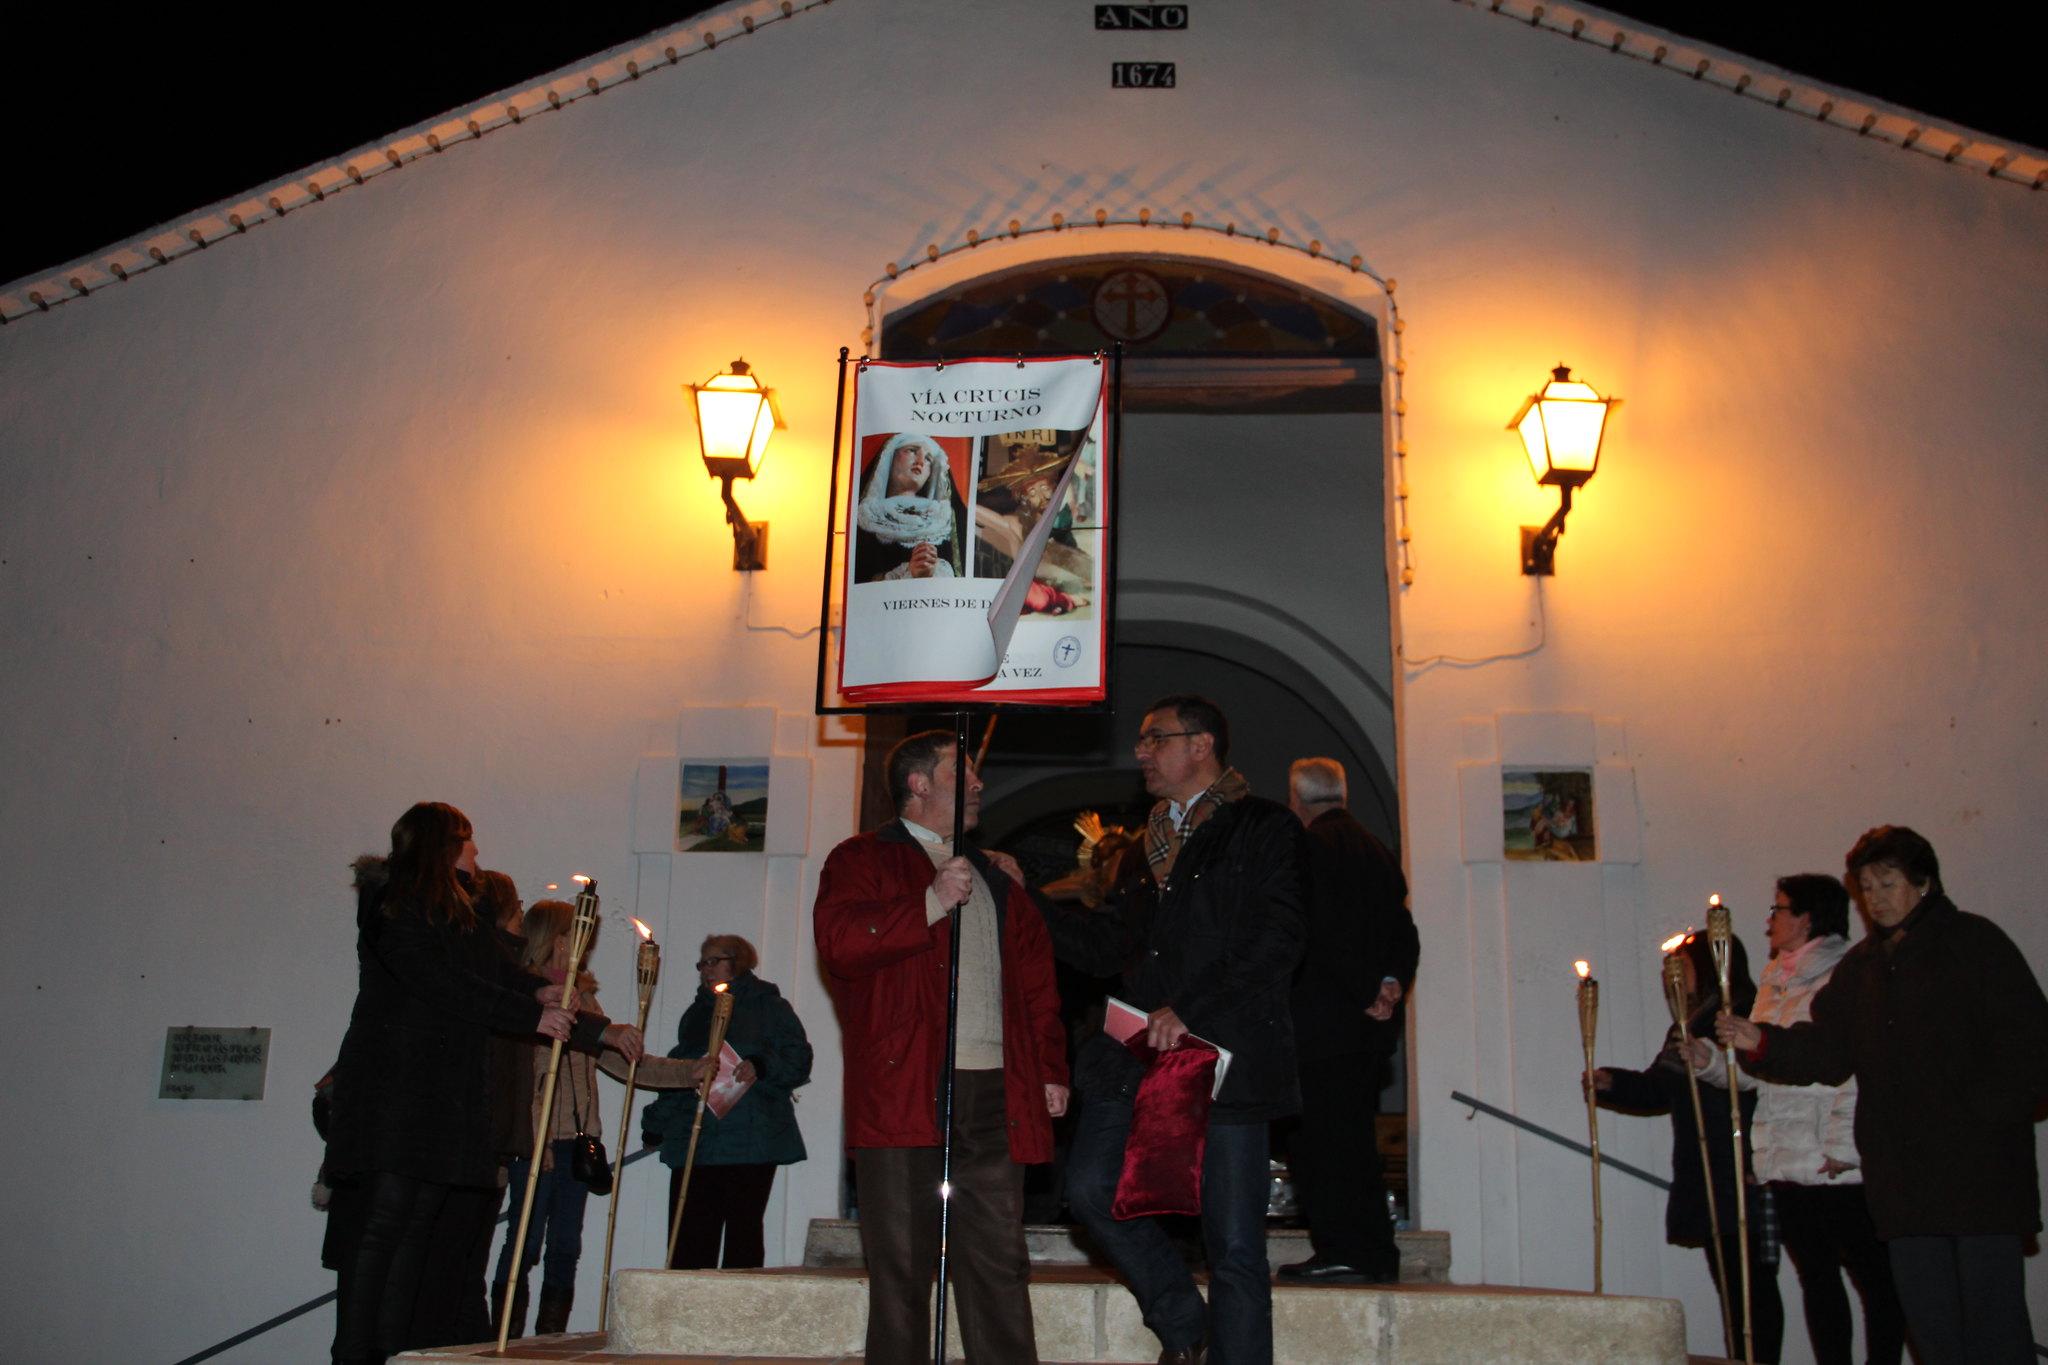 (2016-03-18) - VII Vía Crucis nocturno - Antonio José Verdú Navarro (001)